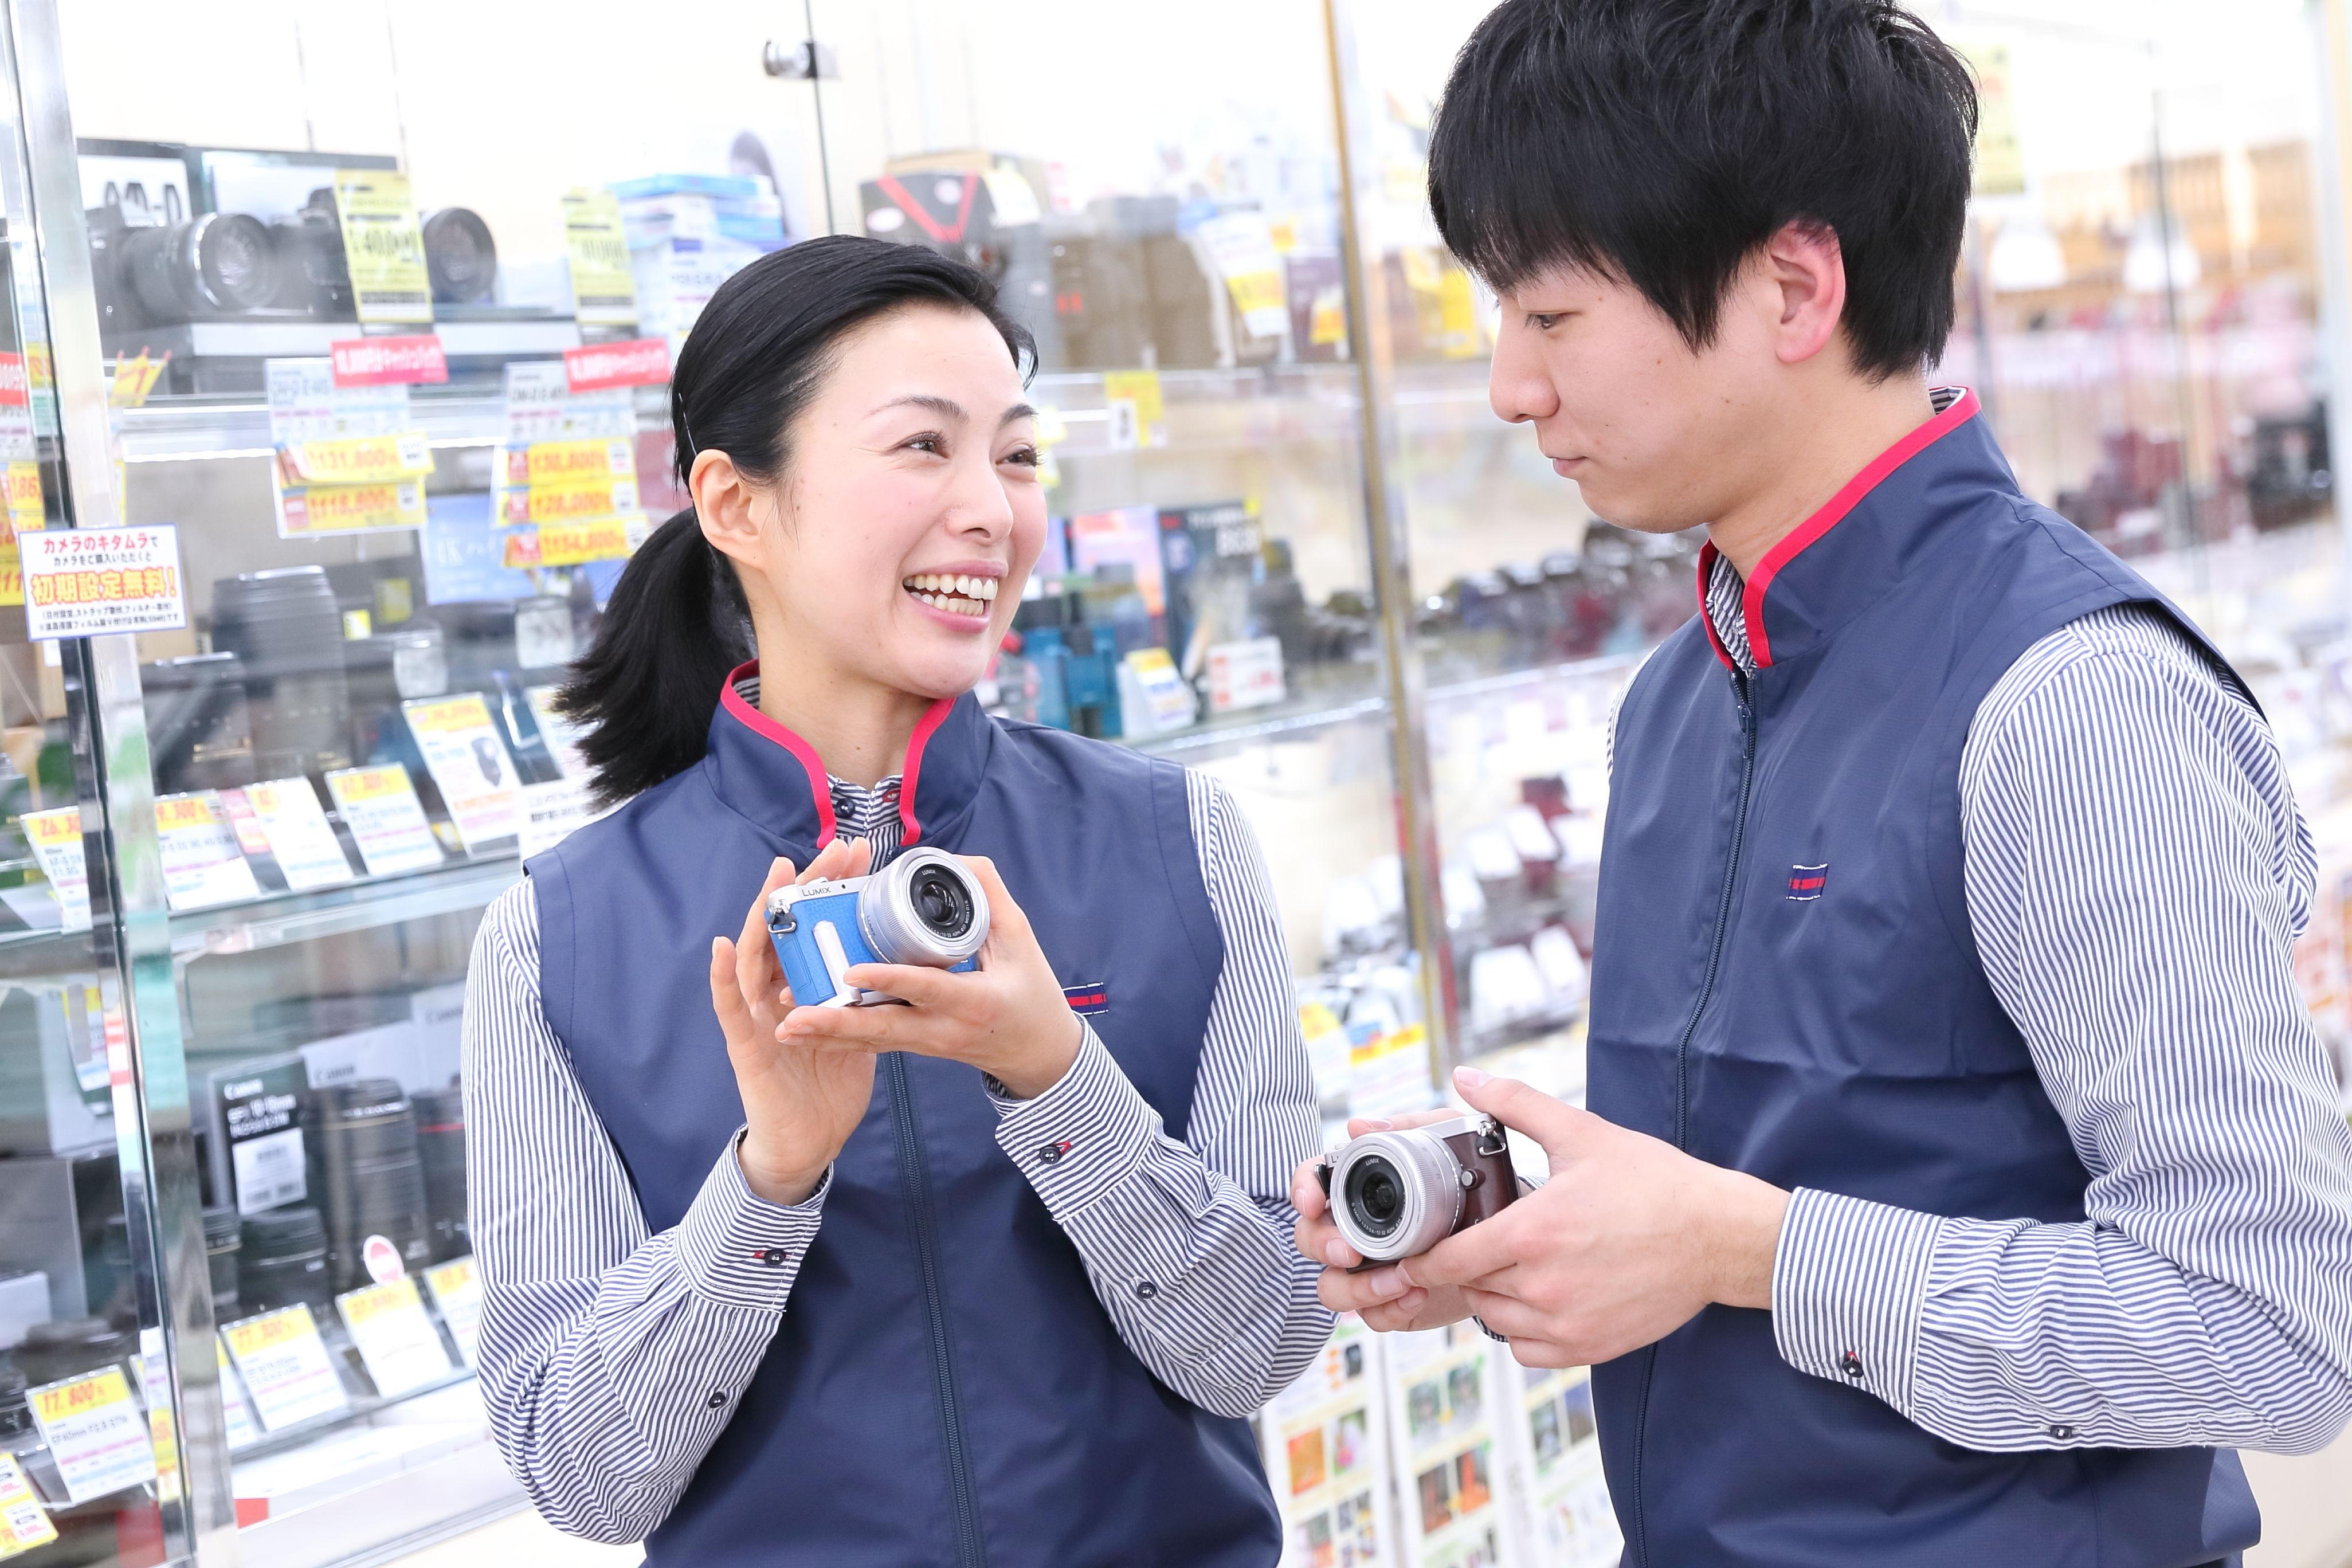 カメラのキタムラ 東京/日本橋店 のアルバイト情報